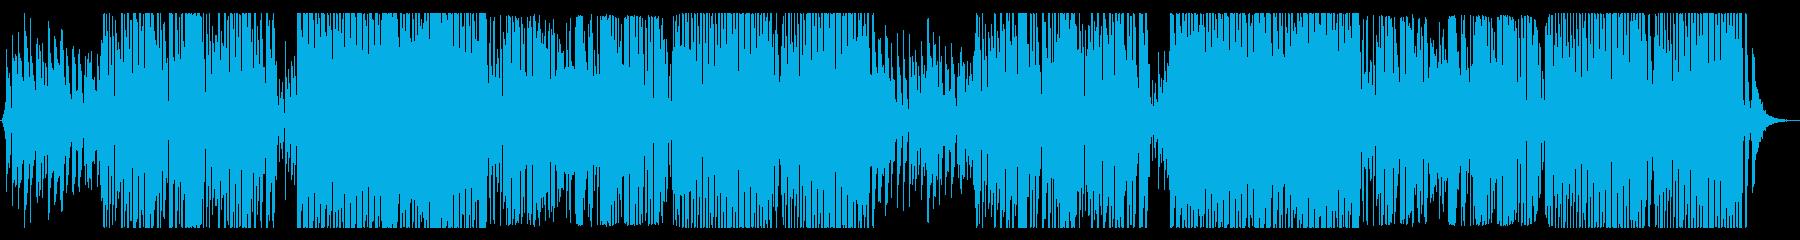 怪しいミディアムテンポのハロウィンBGMの再生済みの波形